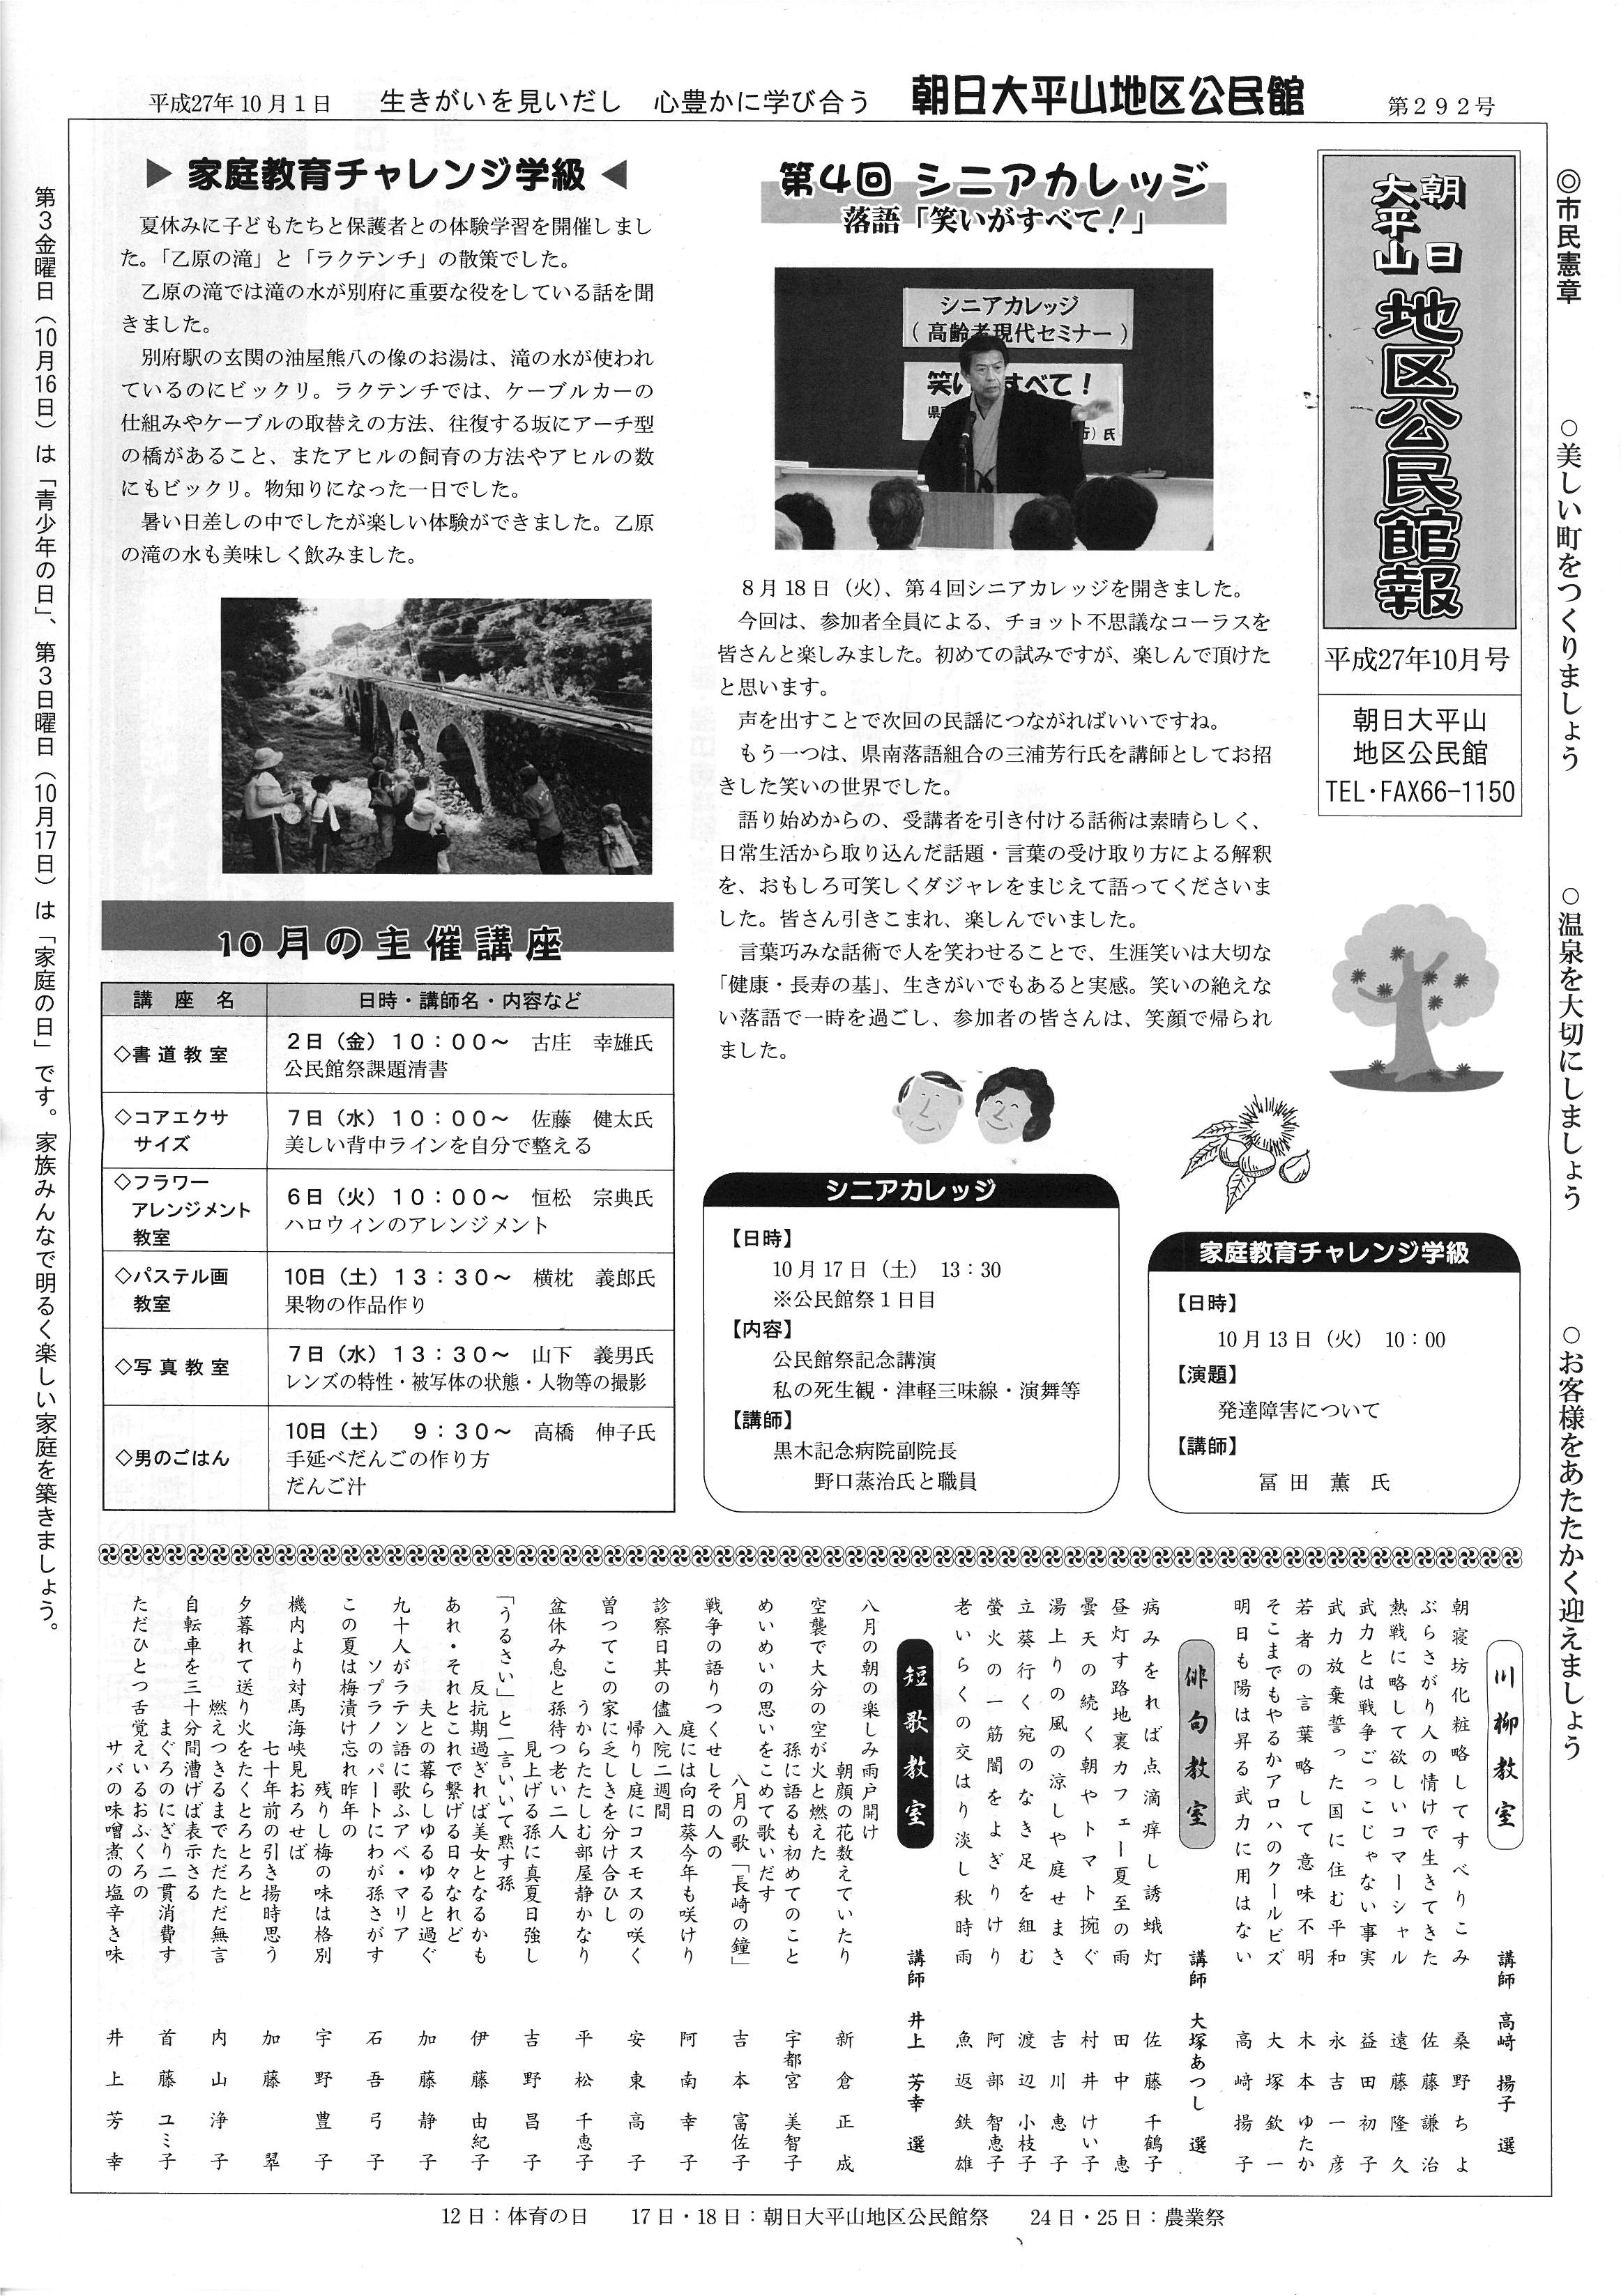 asahiohirayama2015_10_01